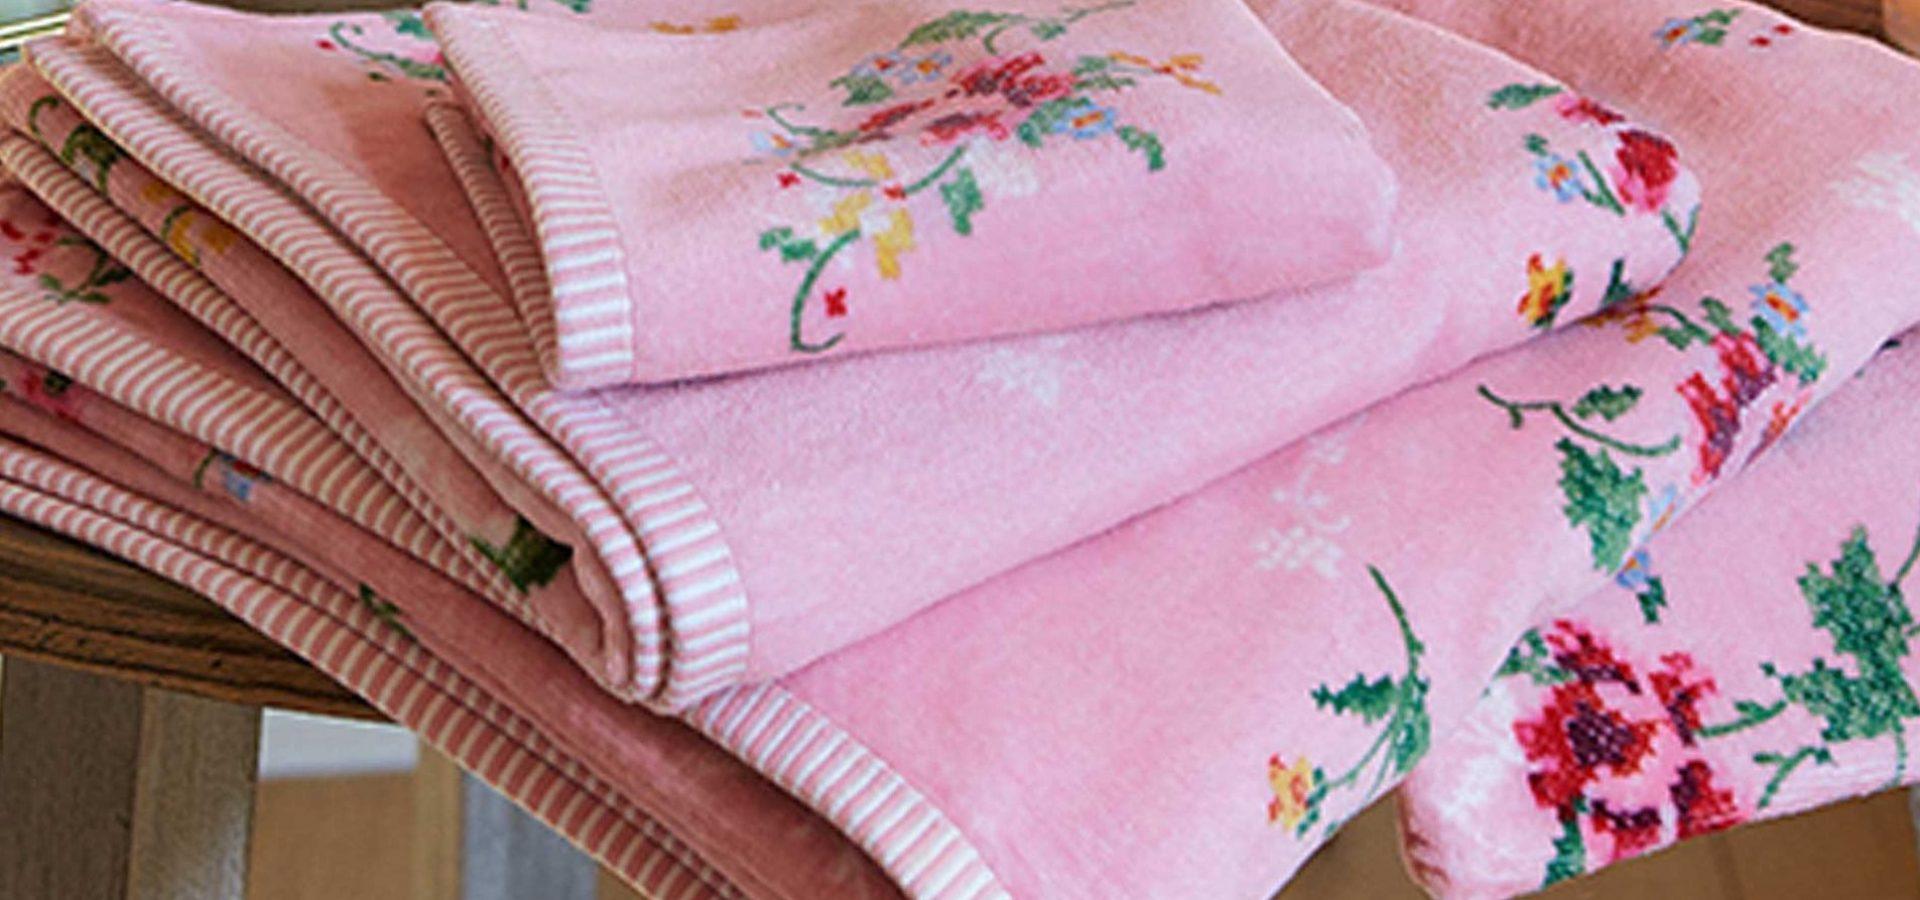 Pip studio handdoeken kopen